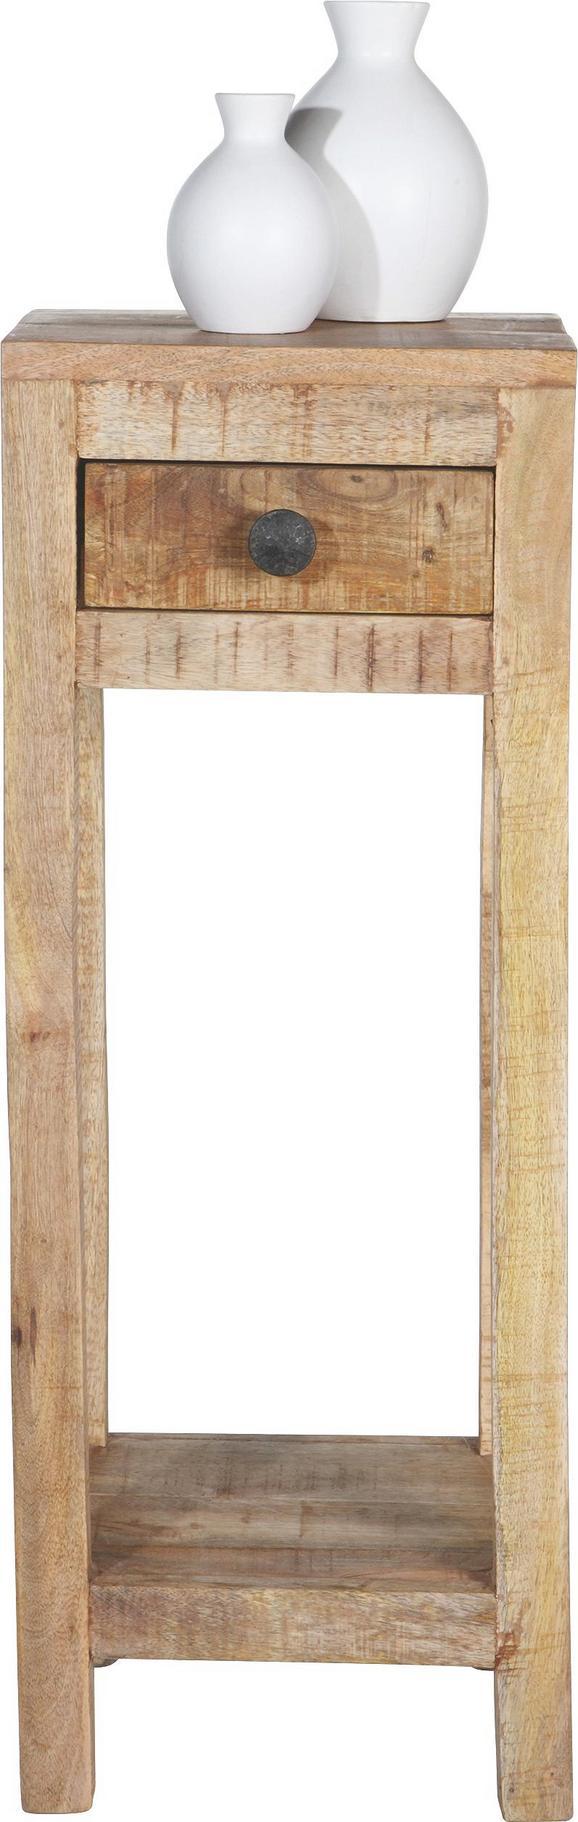 Beistelltisch Naturfarben - Naturfarben, LIFESTYLE, Holz (30/80/30cm) - Zandiara